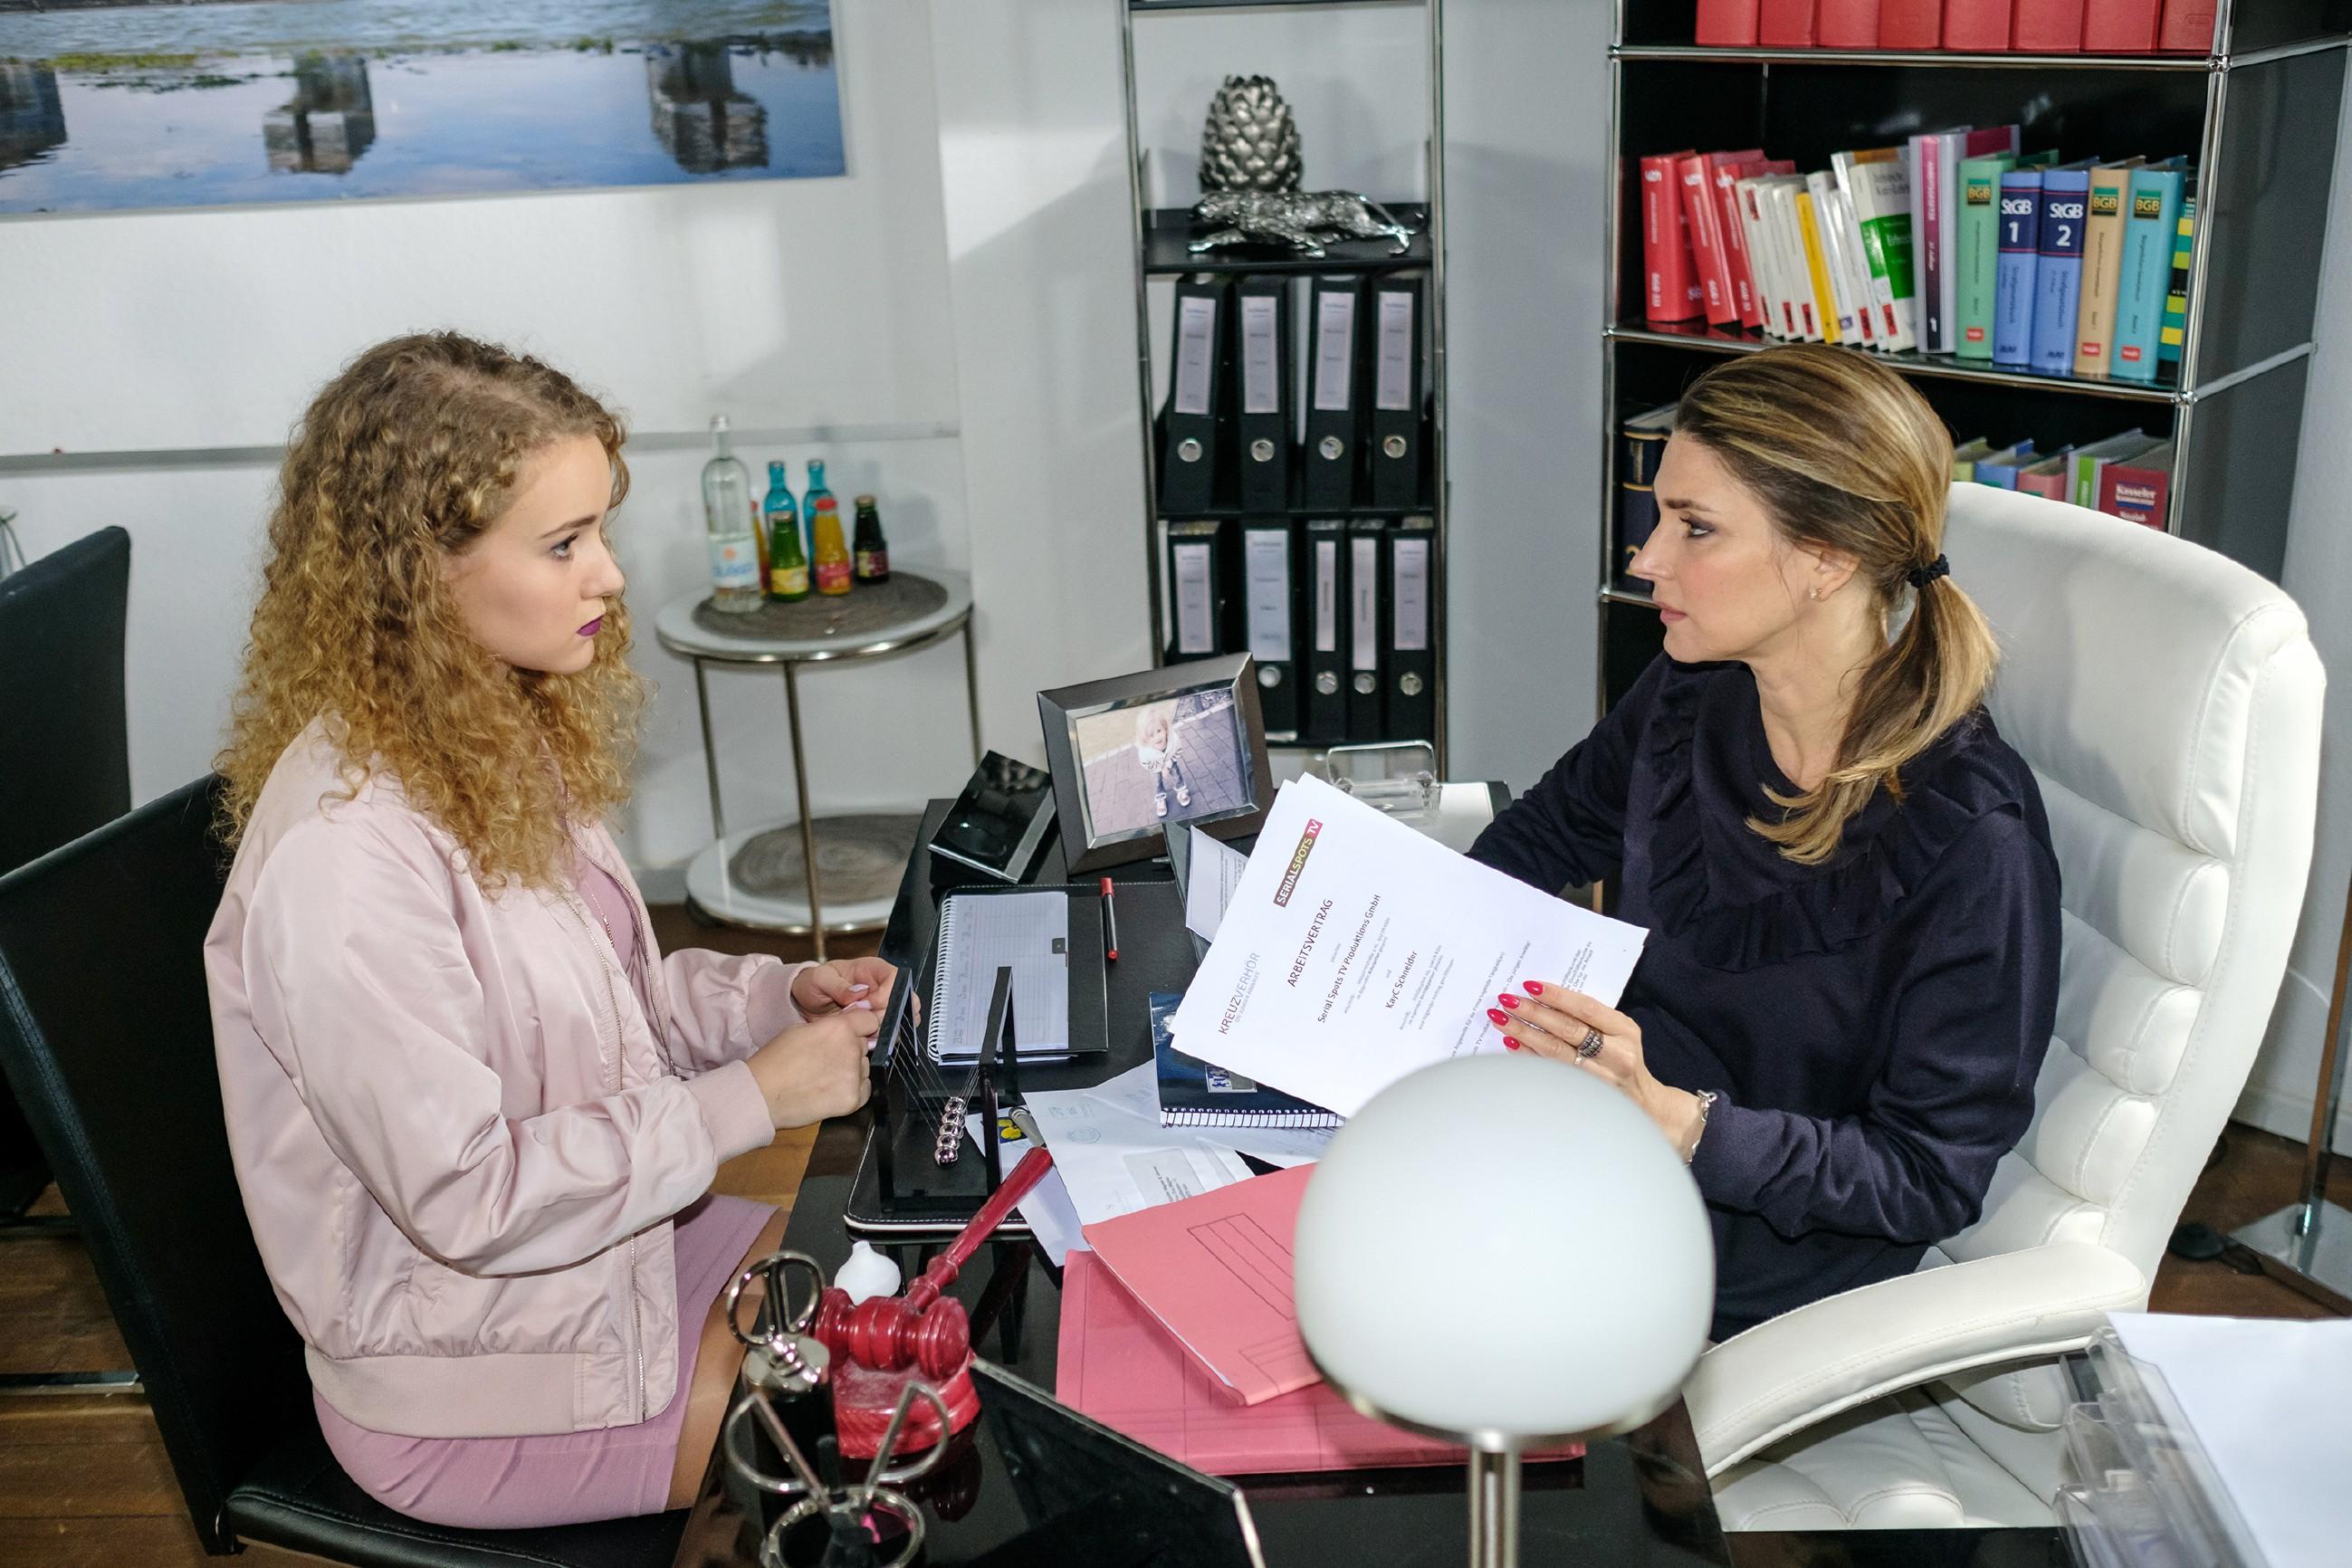 KayC (Pauline Angert, l.) ist unsicher, als Eva (Claudelle Deckert) Till als ihren Manager vorschlägt. (Quelle: RTL / Stefan Behrens)